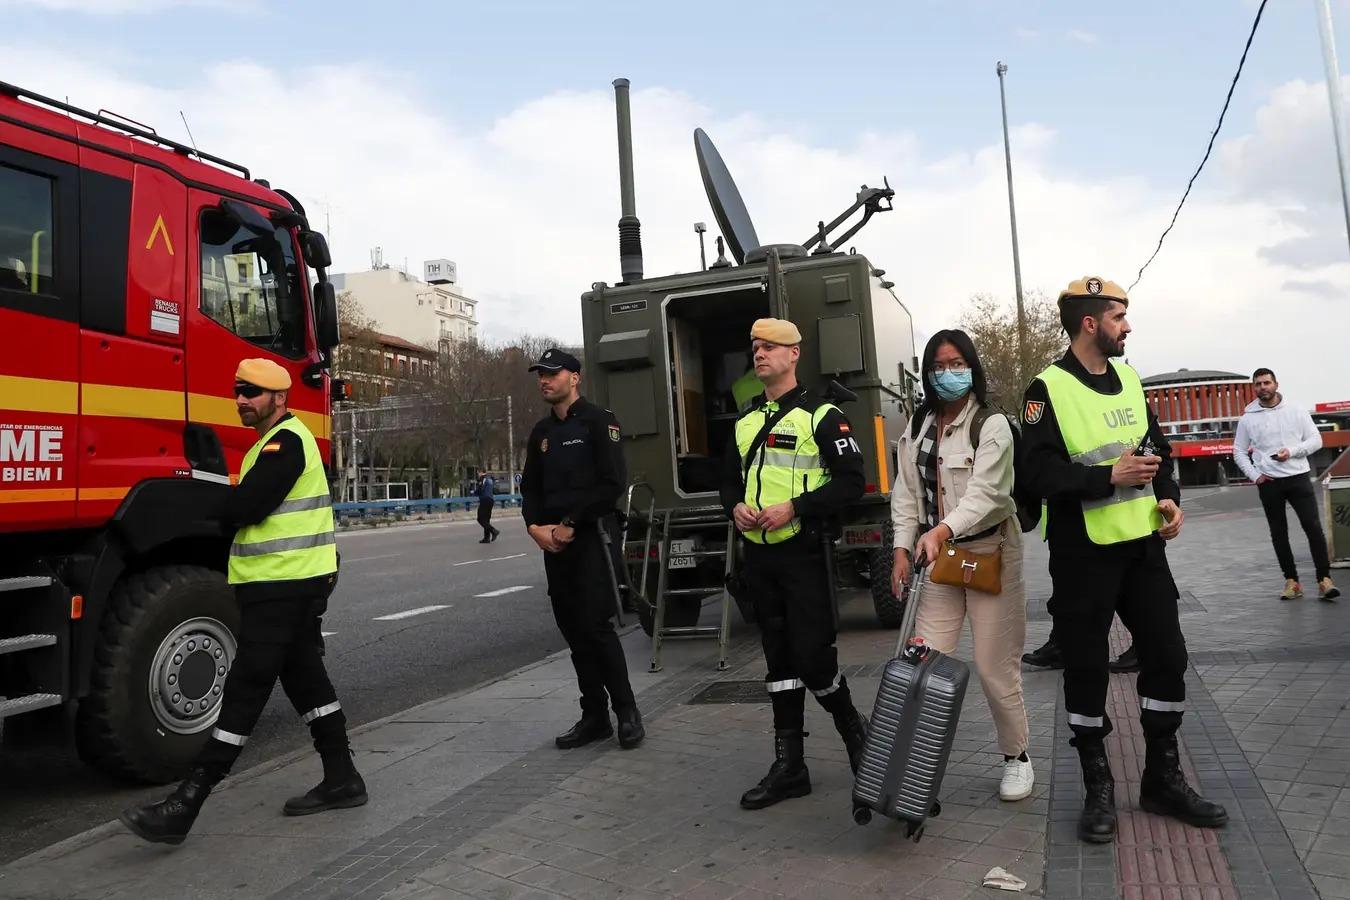 España militariza las calles y aumentan los muertos por el coronavirus